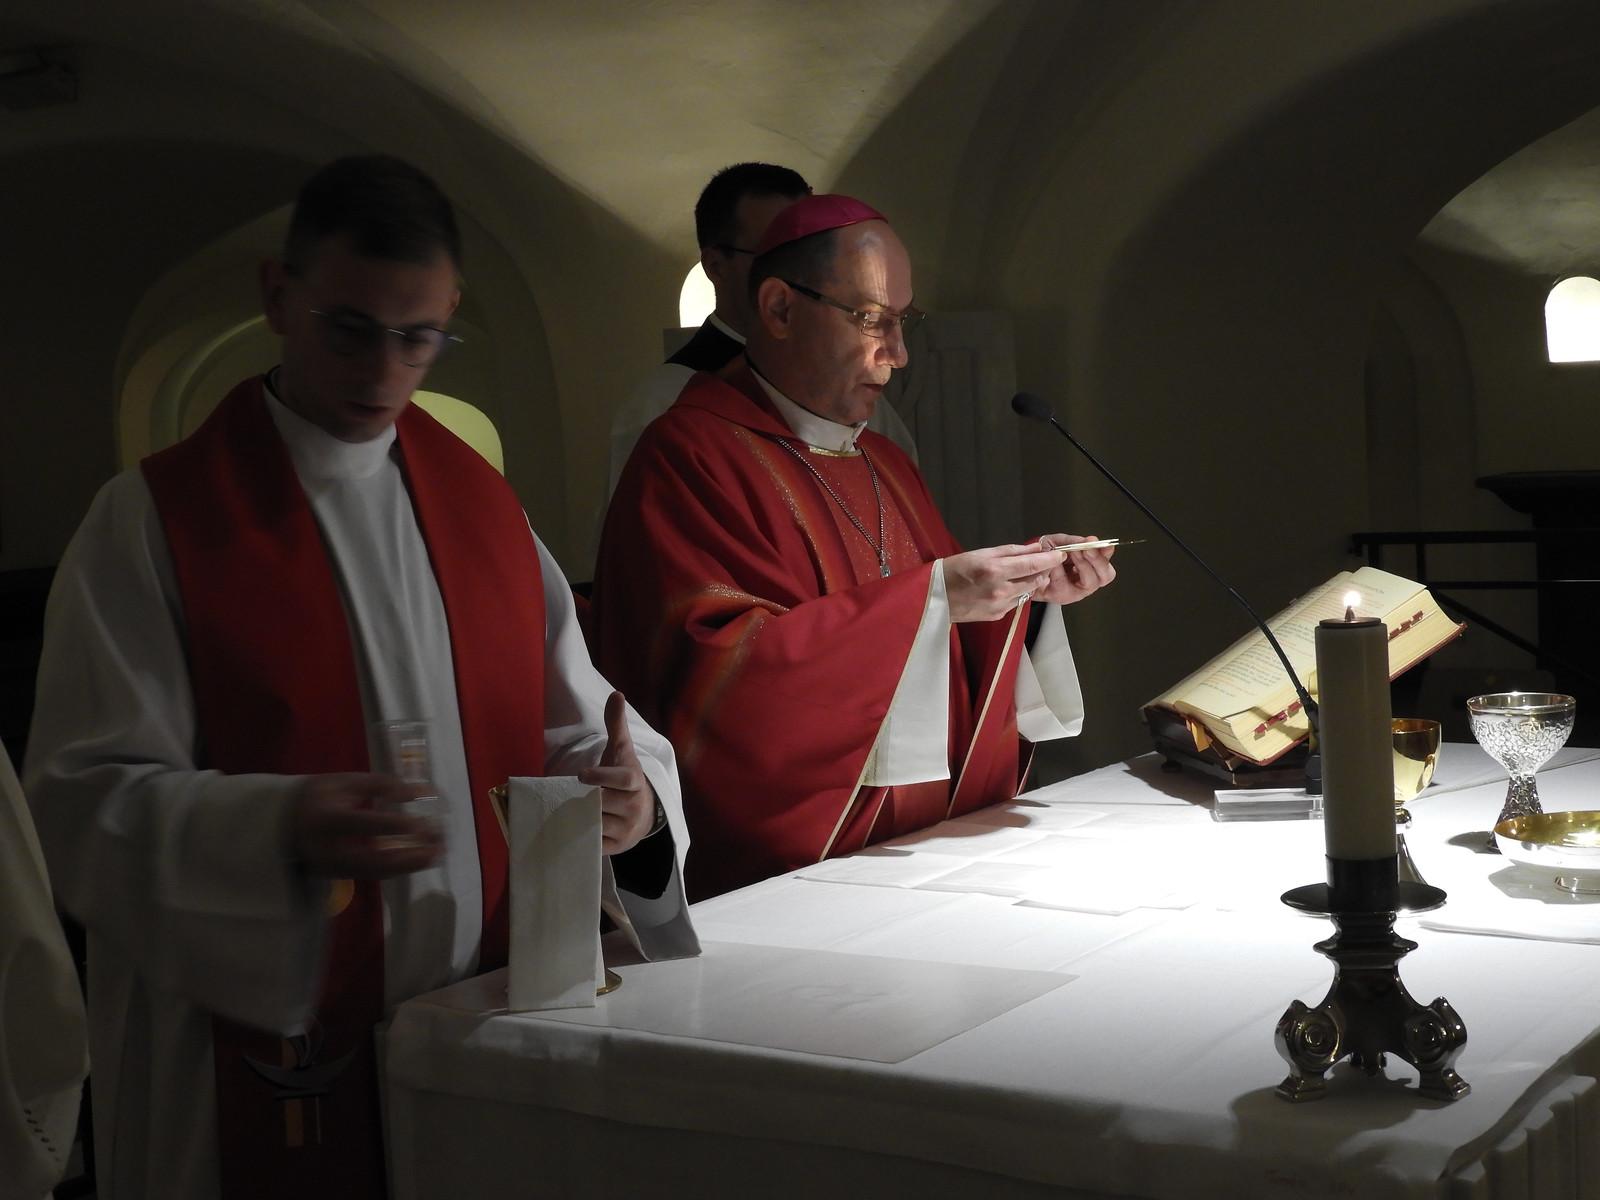 Msza Święta przy grobie św. Piotra - Ad limina apostolorum - Watykan, 18 października 2021 r.